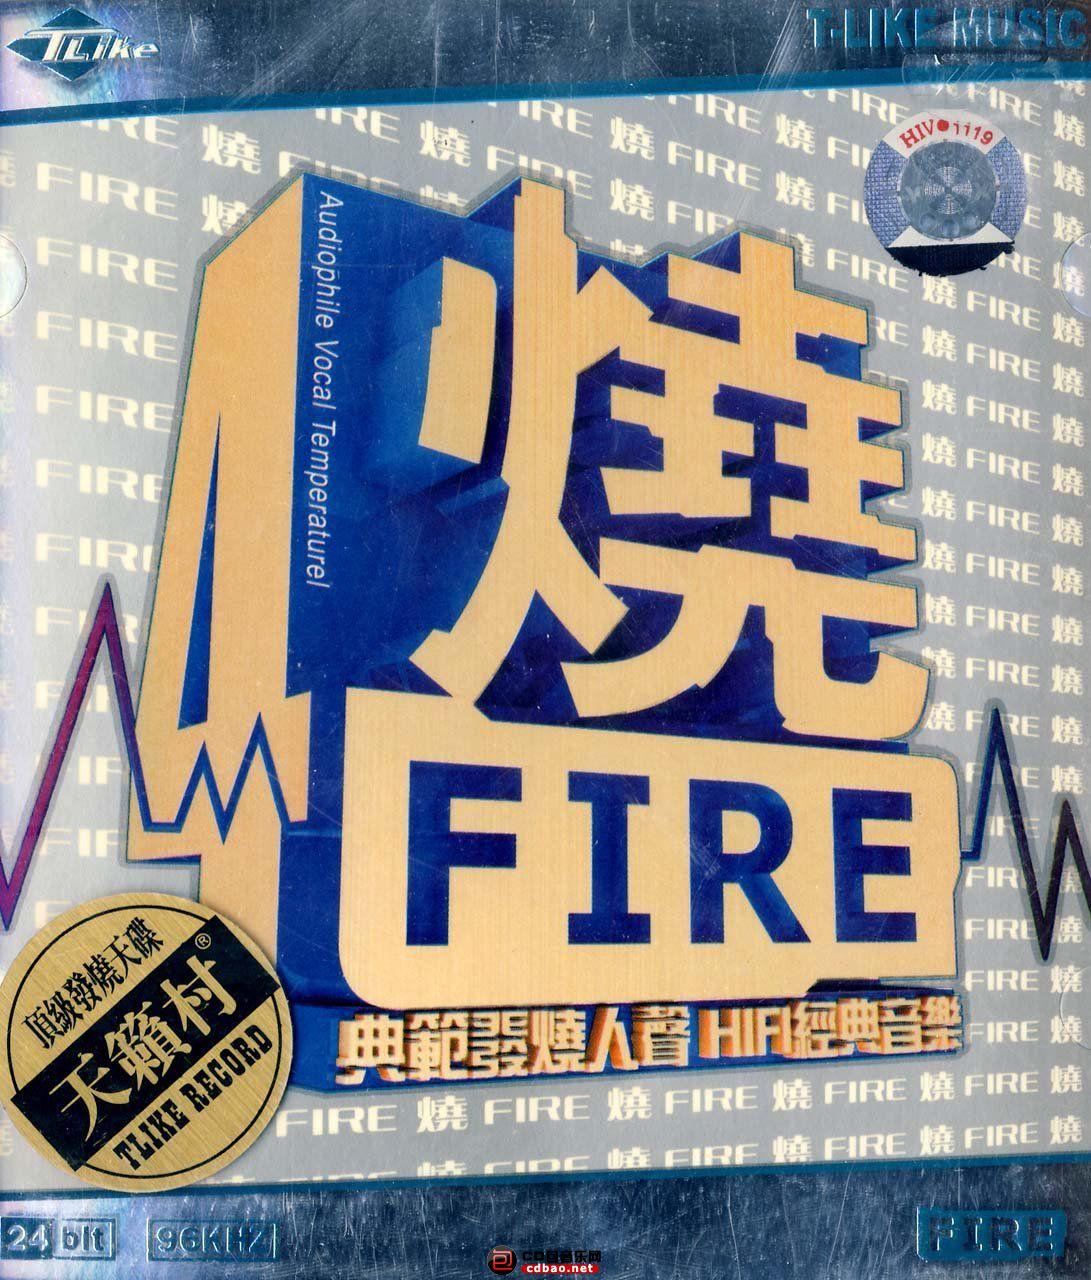 群星《烧4·典范发烧人声HIFI经典音乐》.jpg